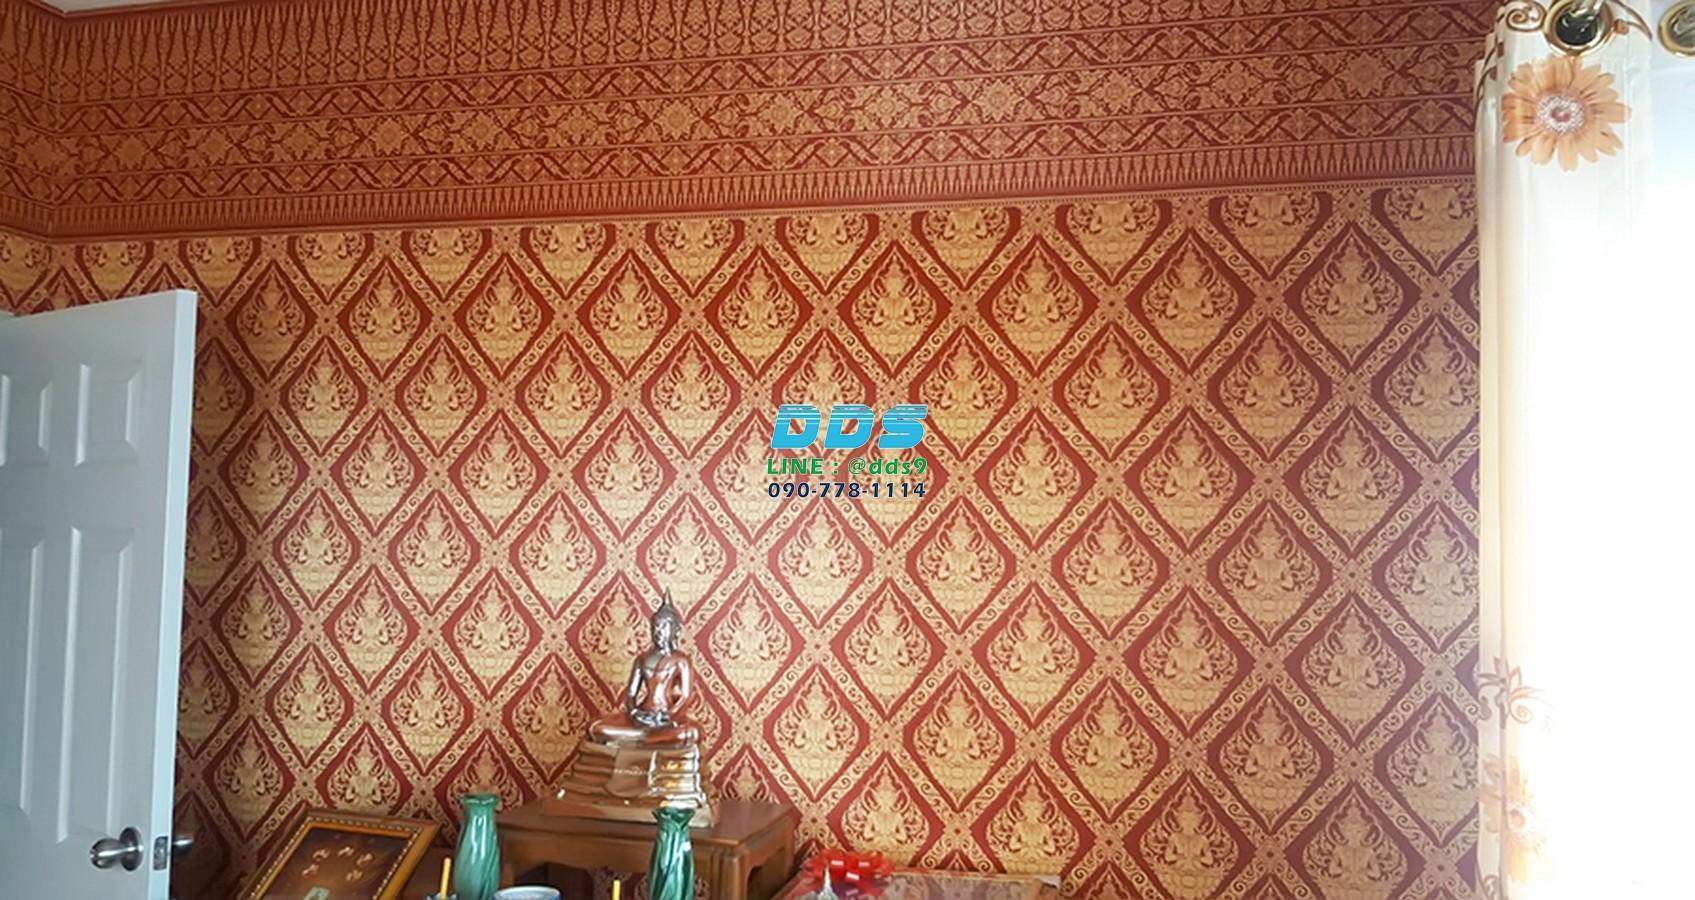 วอลเปเปอร์ลายไทย ลายเทพพนม เป็นการอนุรักษ์ศิลปะวัฒนธรรมไทย